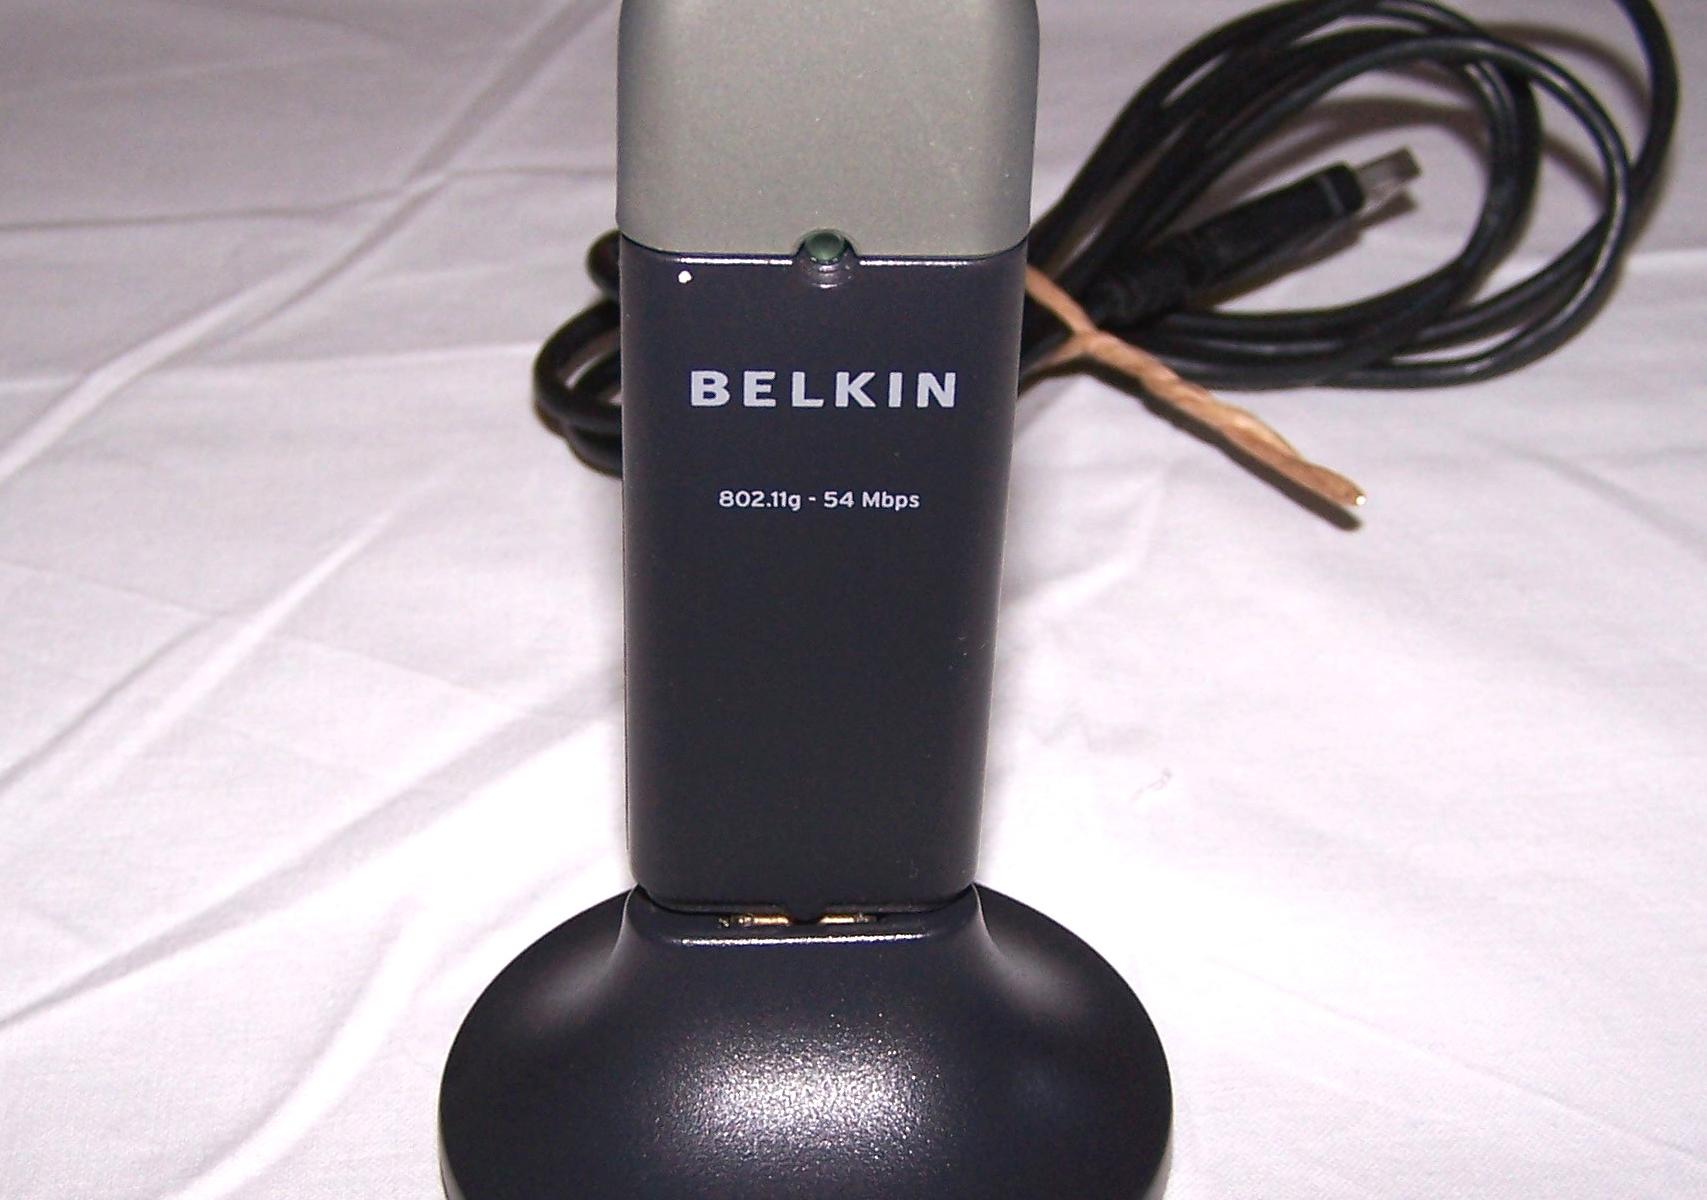 Büro - IT&Kommunikation - Belkin WLAN USB Stick